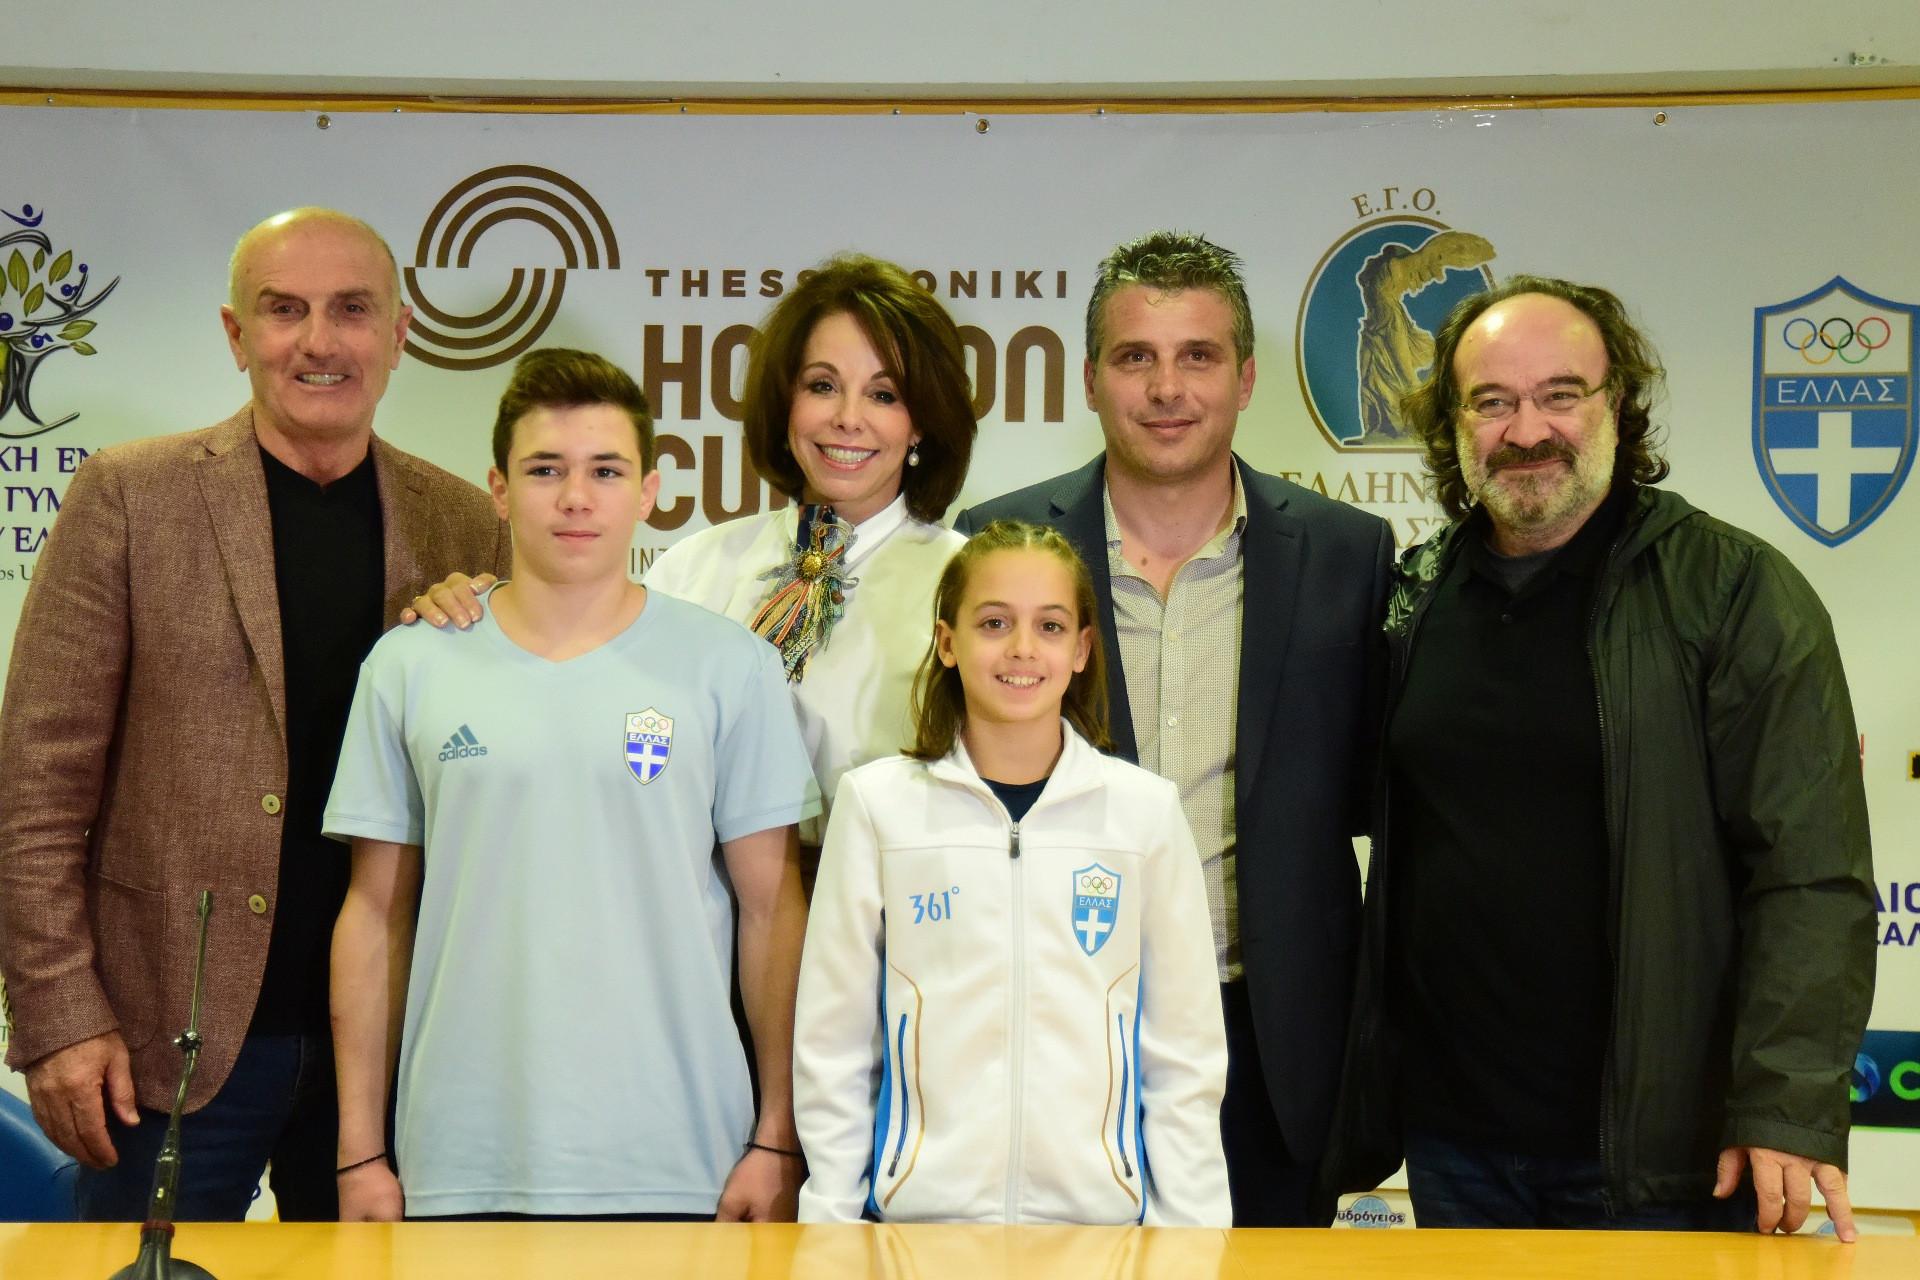 """Τα επόμενα αστέρια της ελληνικής και διεθνούς ενόργανης γυμναστικής λάμπουν στο 2ο """"Horizon Cup"""" (photos)"""